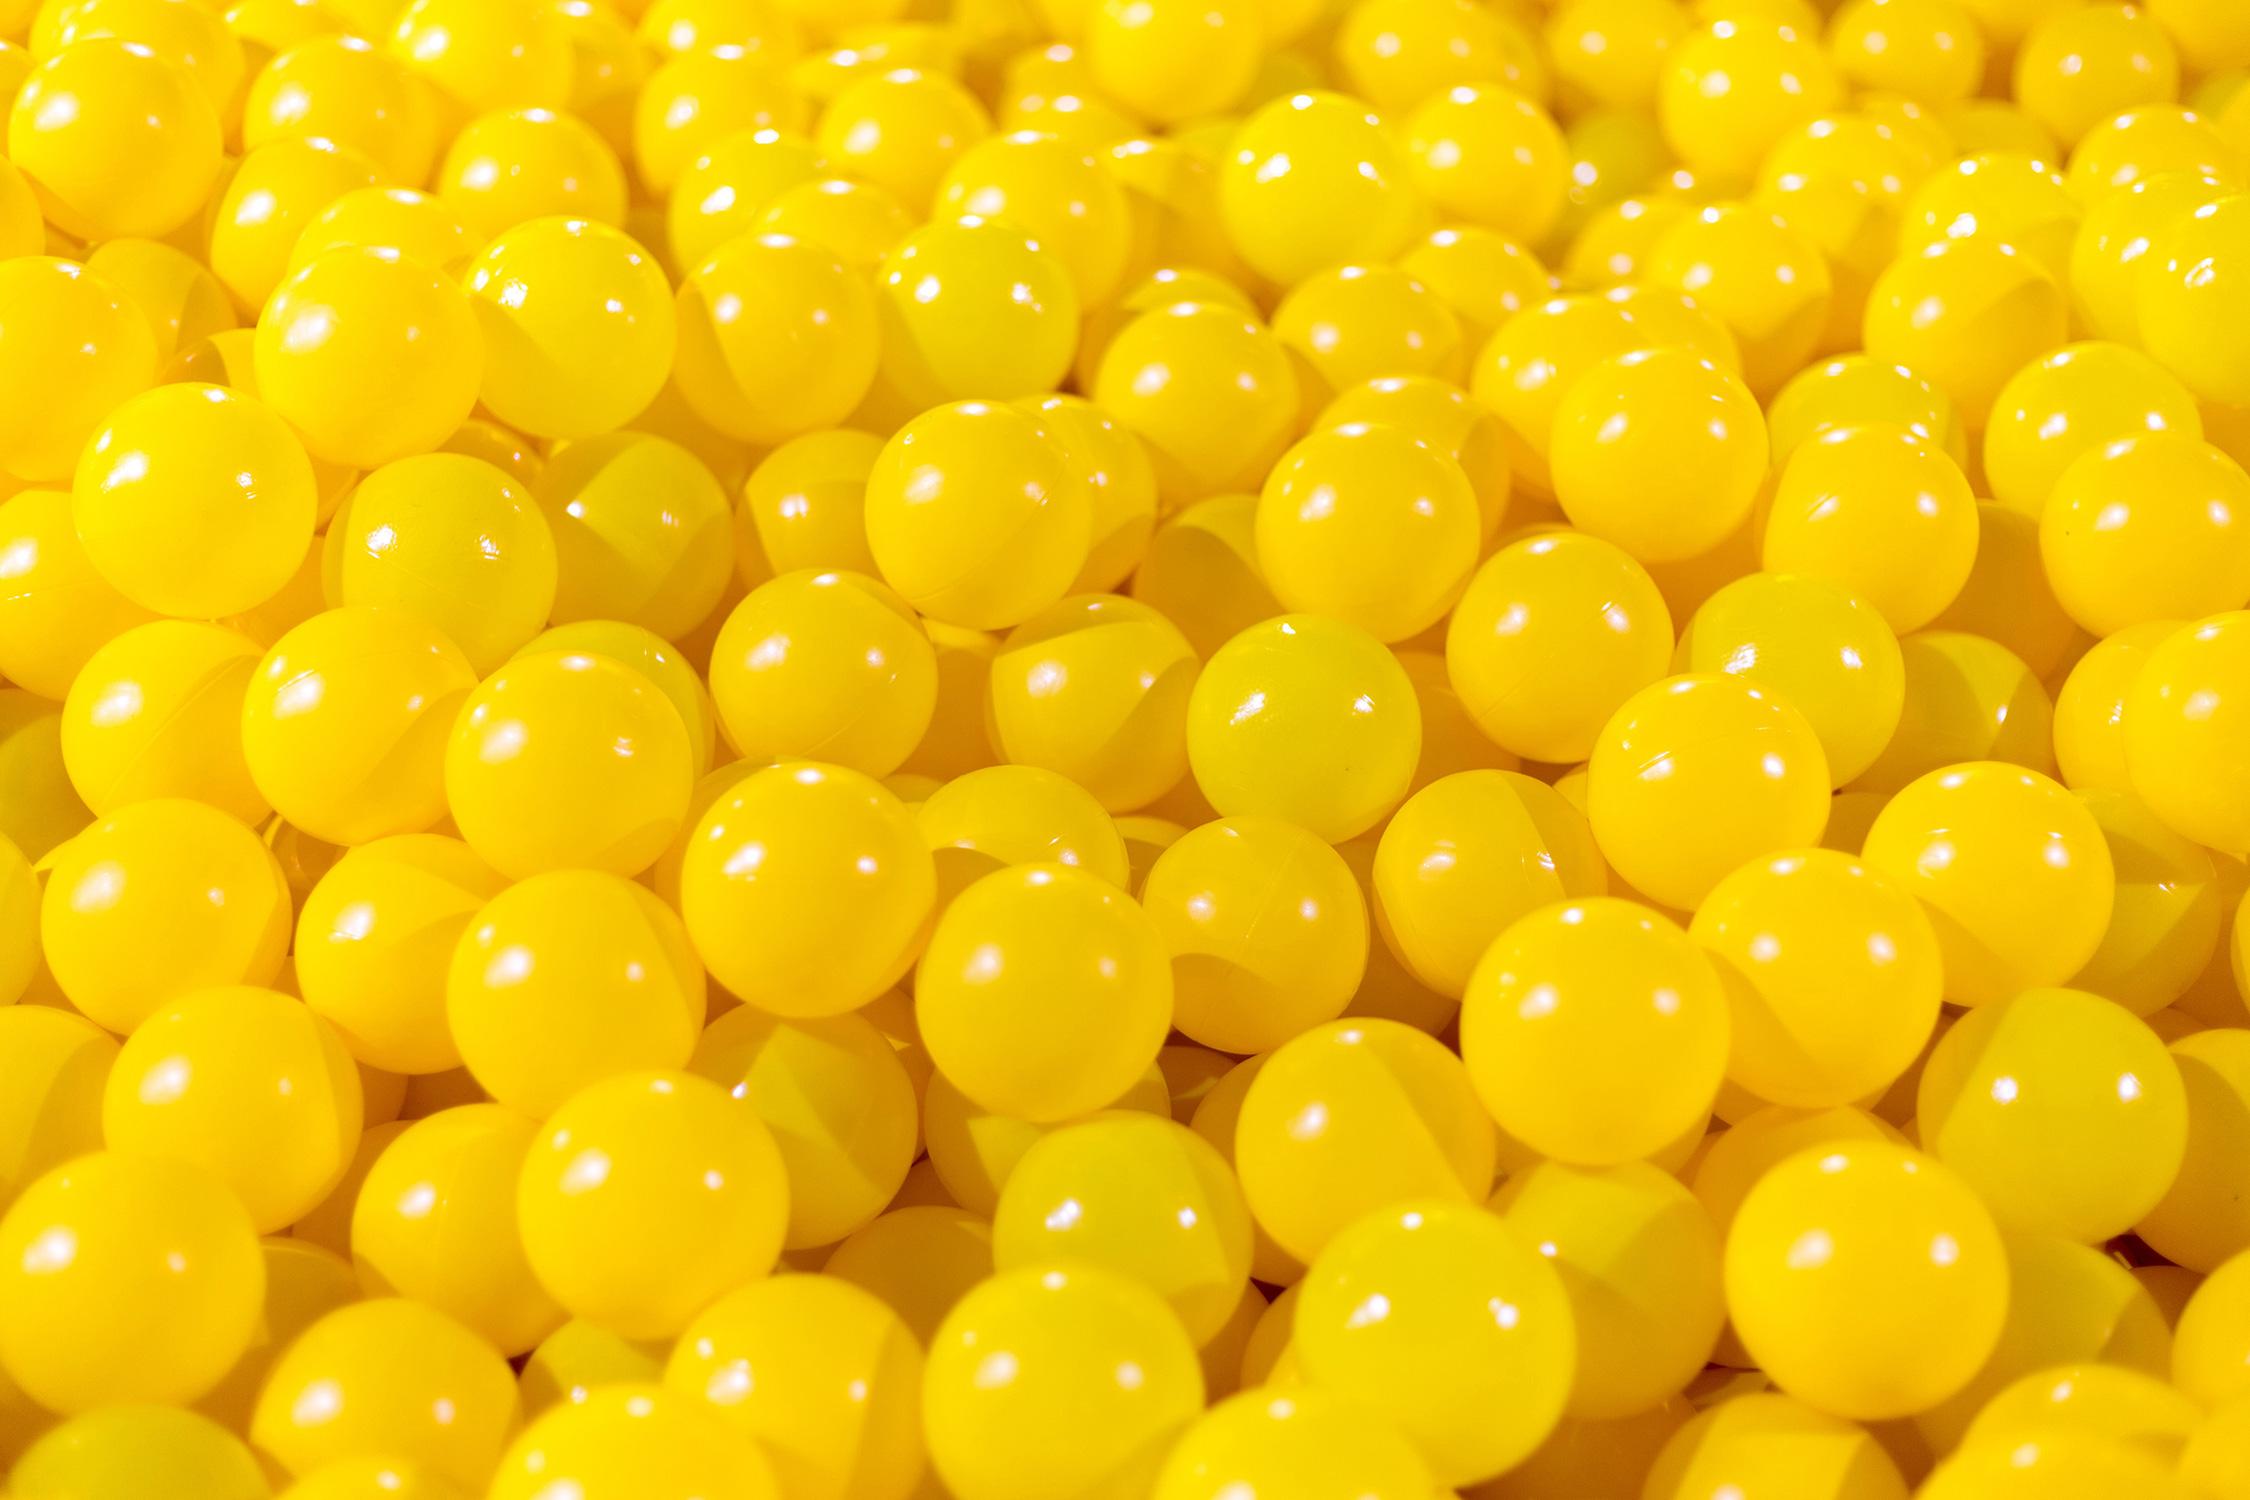 El Libro Amarillo Tendencias de Color Primavera 2021 Amarillo globos amarillos